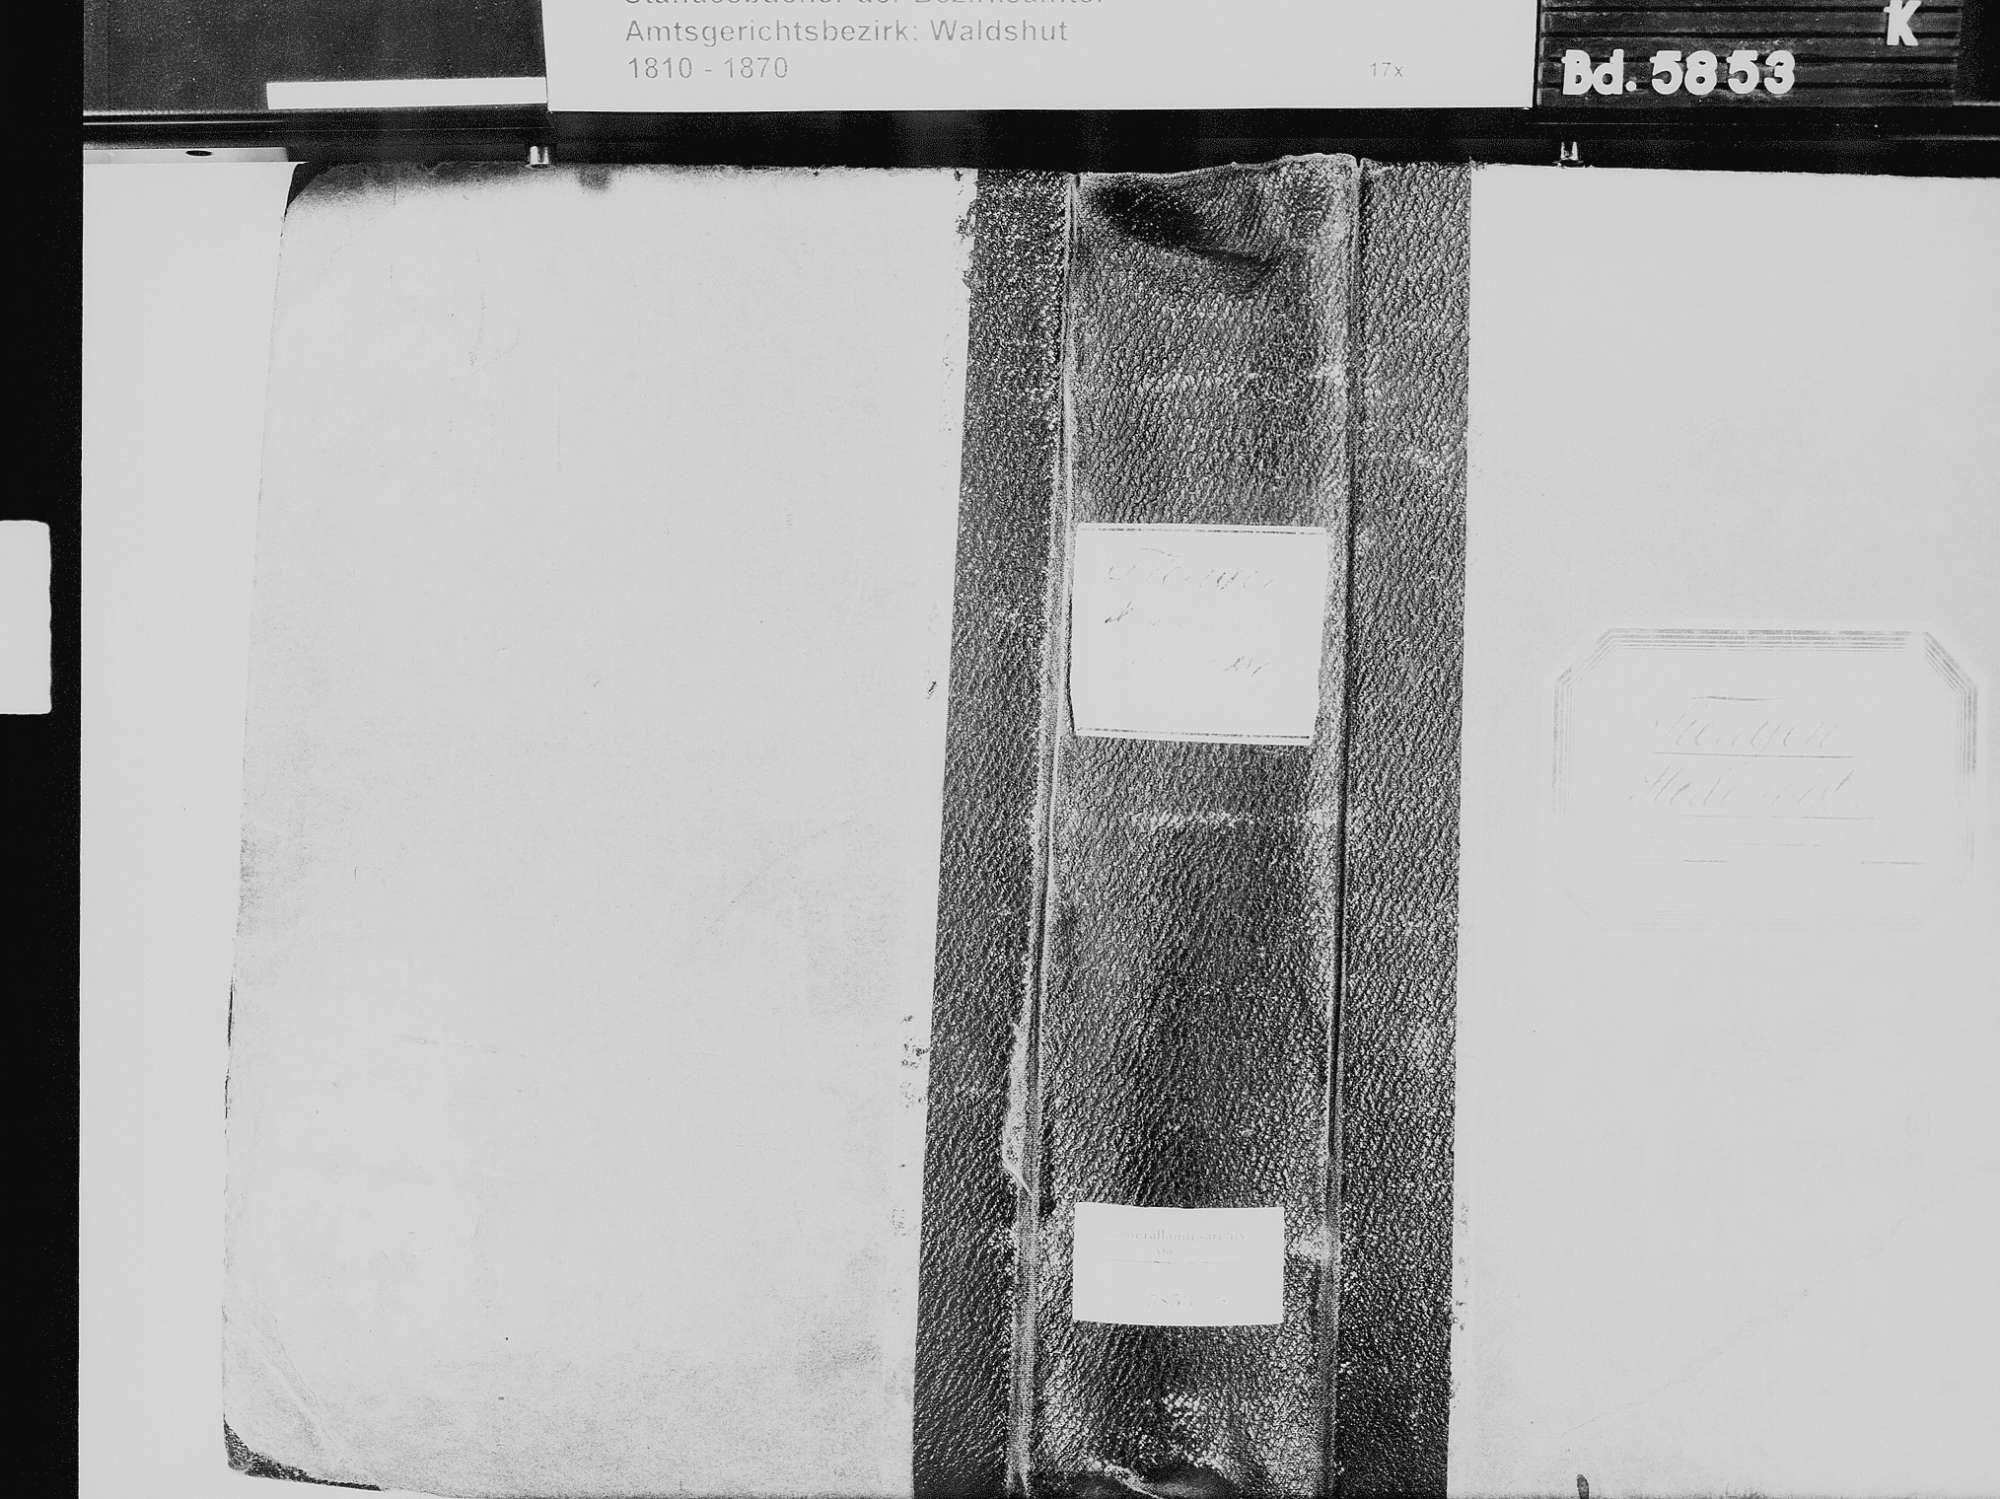 Tiengen/Hochrhein, Waldshut-Tiengen WT; Katholische Gemeinde: Sterbebuch 1810-1869 Tiengen/Hochrhein, Waldshut-Tiengen WT; Israelitische Gemeinde: Sterbebuch 1819, 1821-1822, 1866, Bild 2